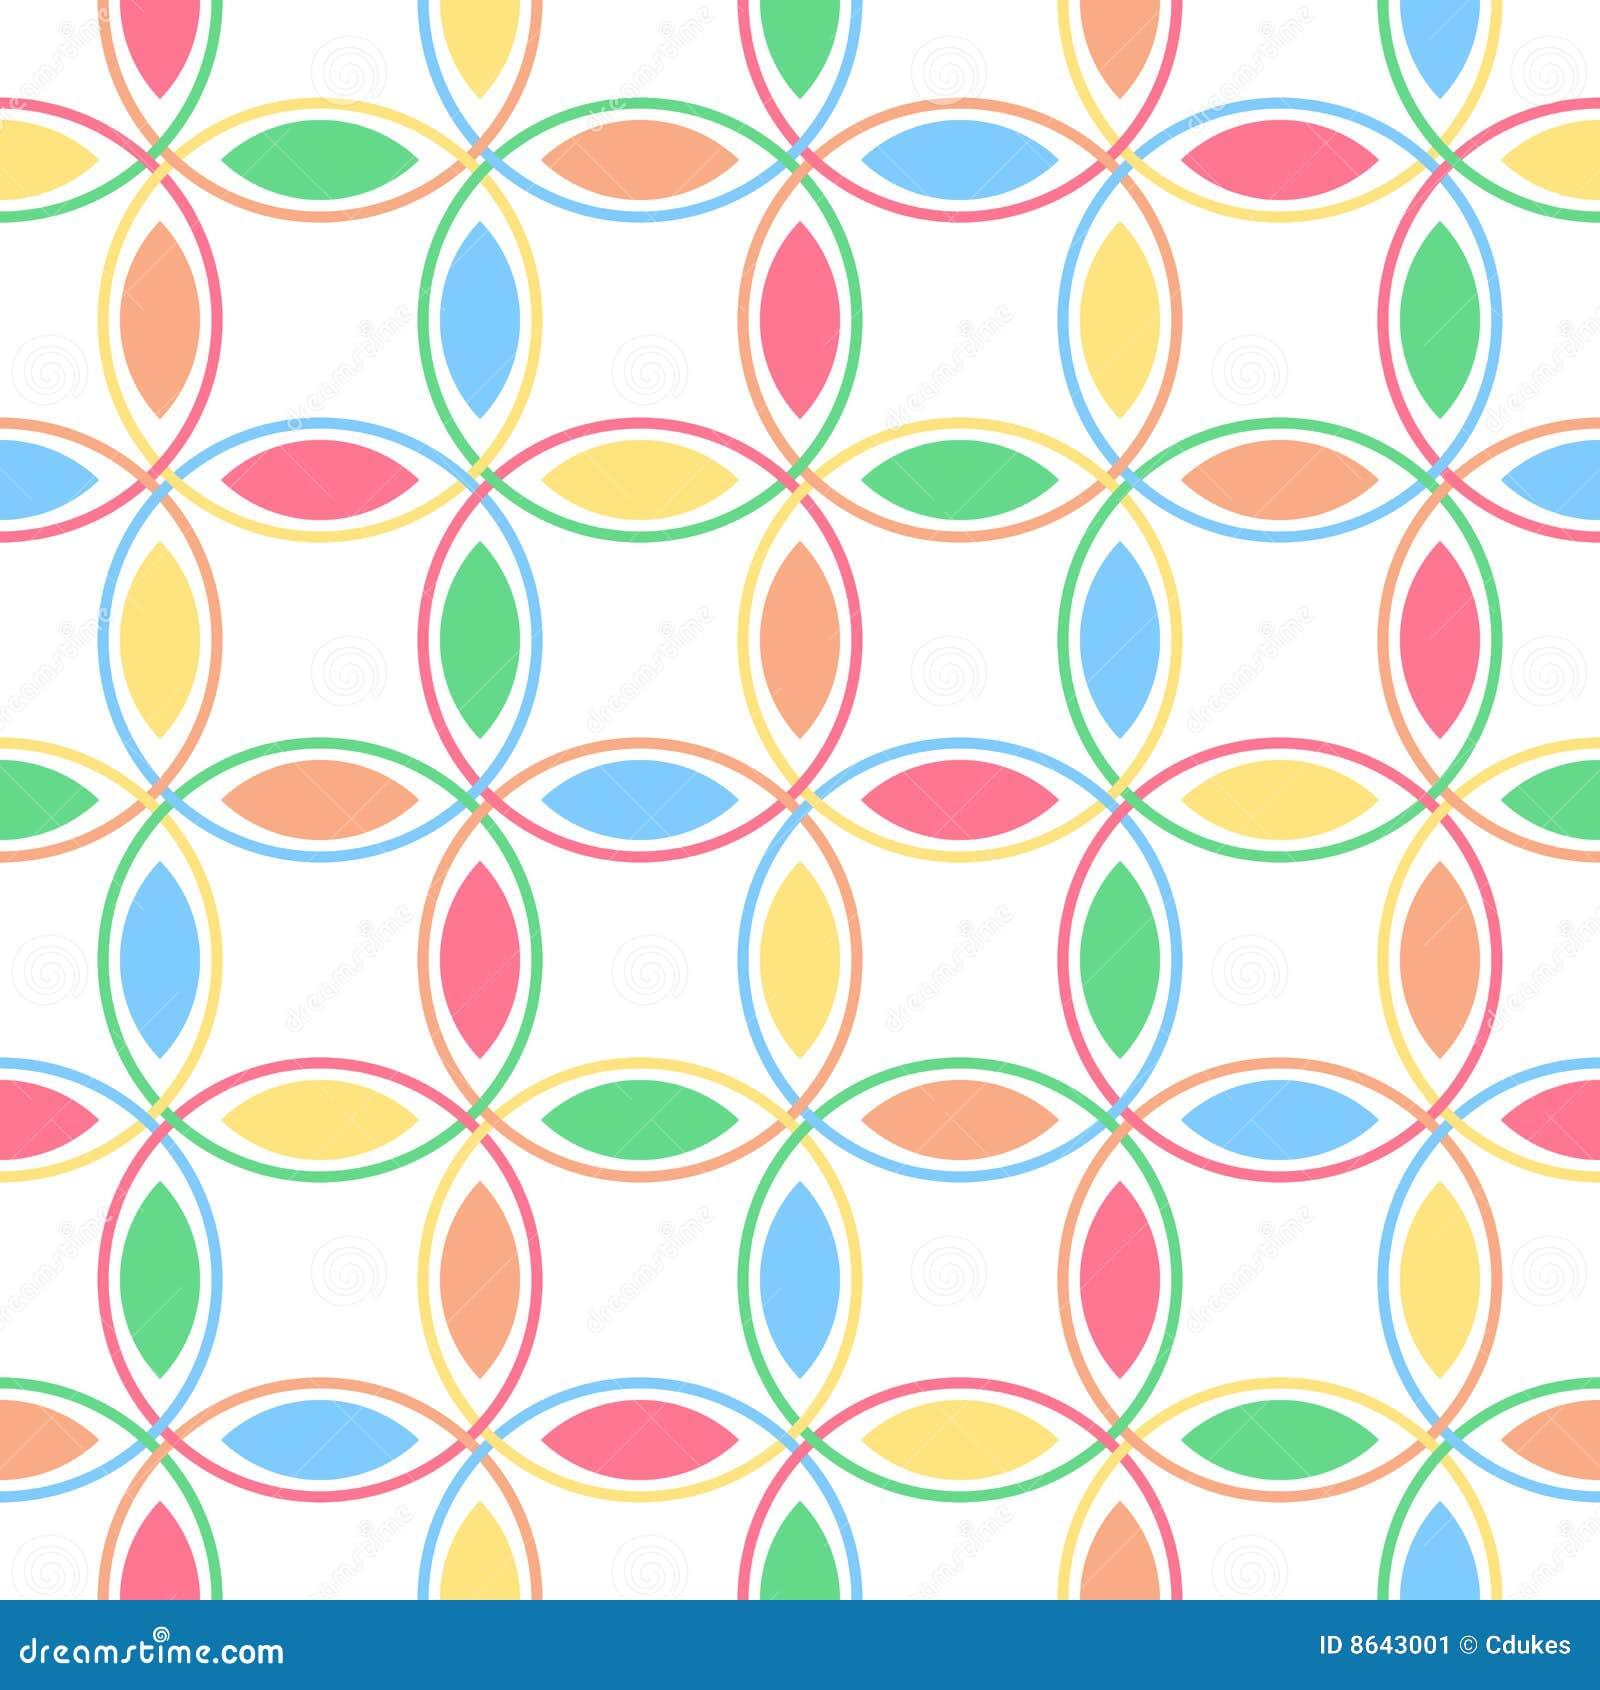 Pastel Interlocking Circles